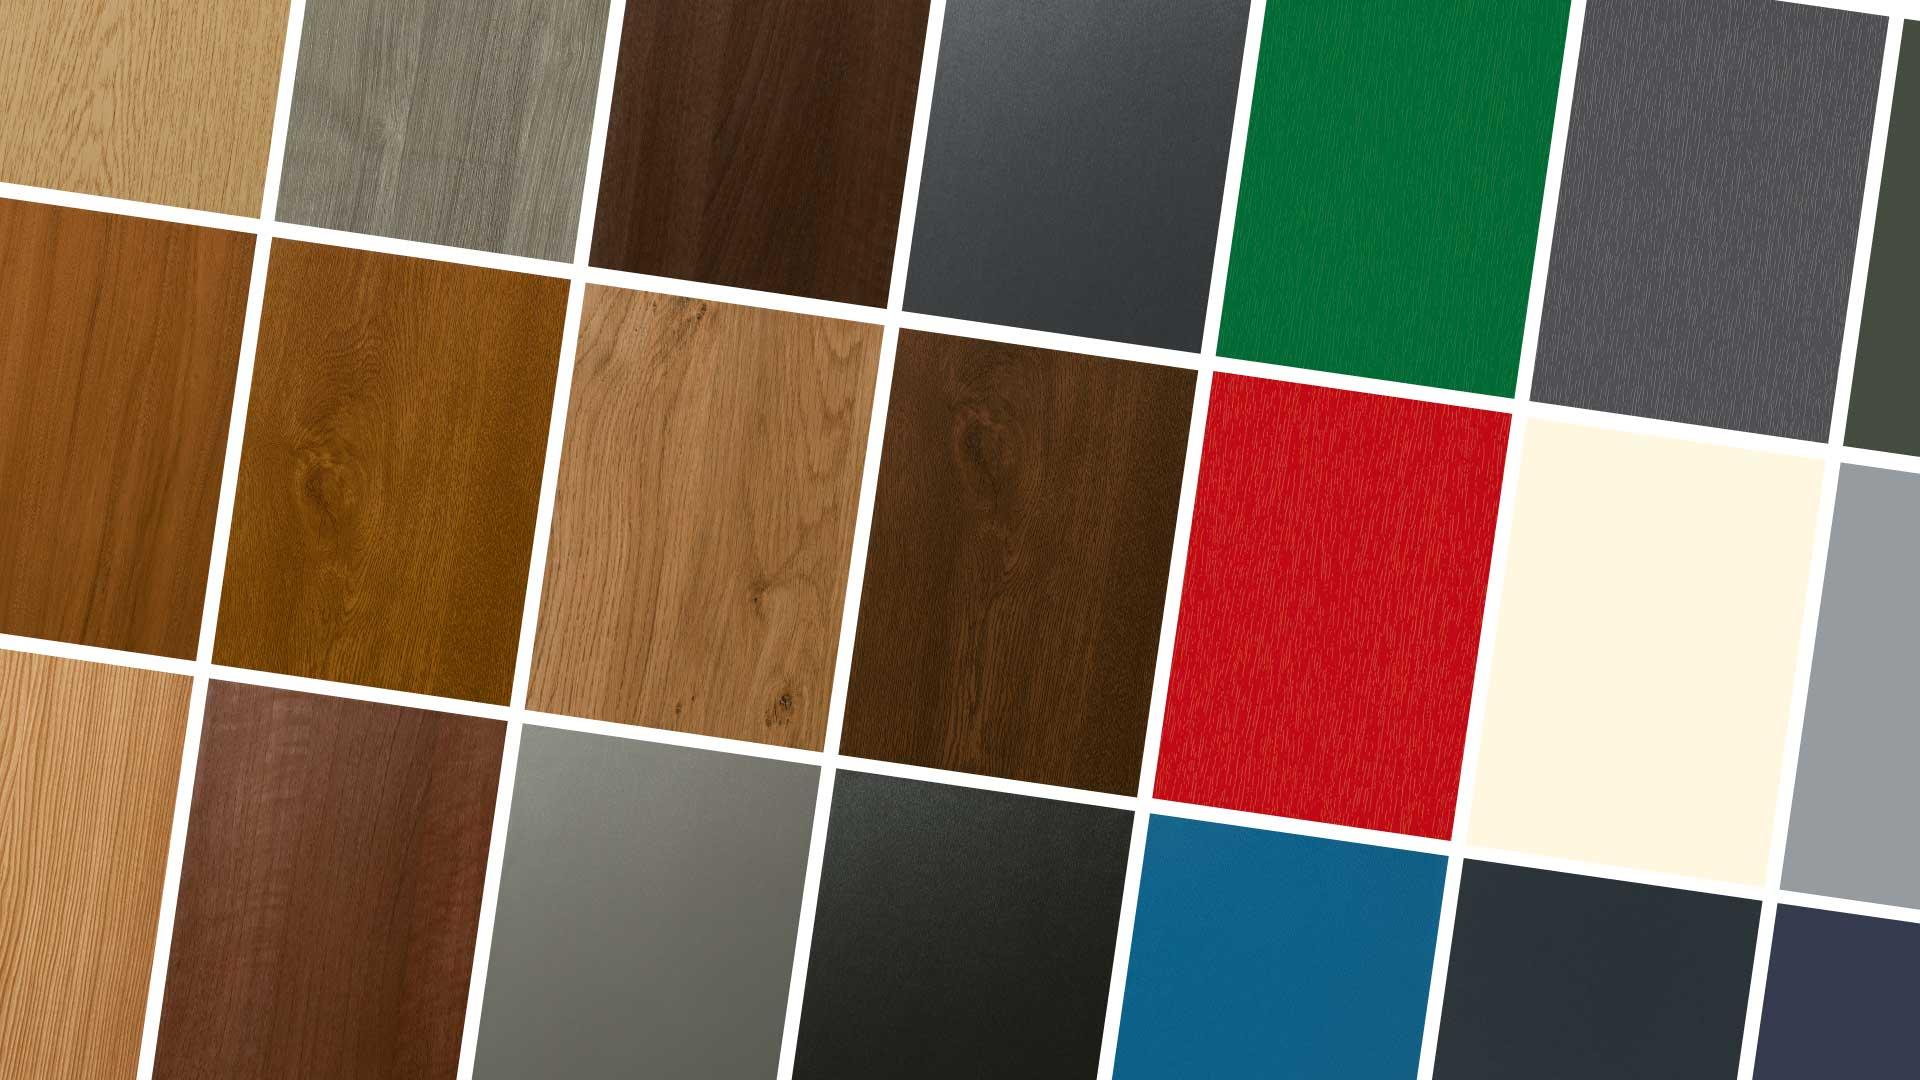 Cambiare Colore Infissi Alluminio infissi in pvc effetto legno: belli come gli infissi in legno